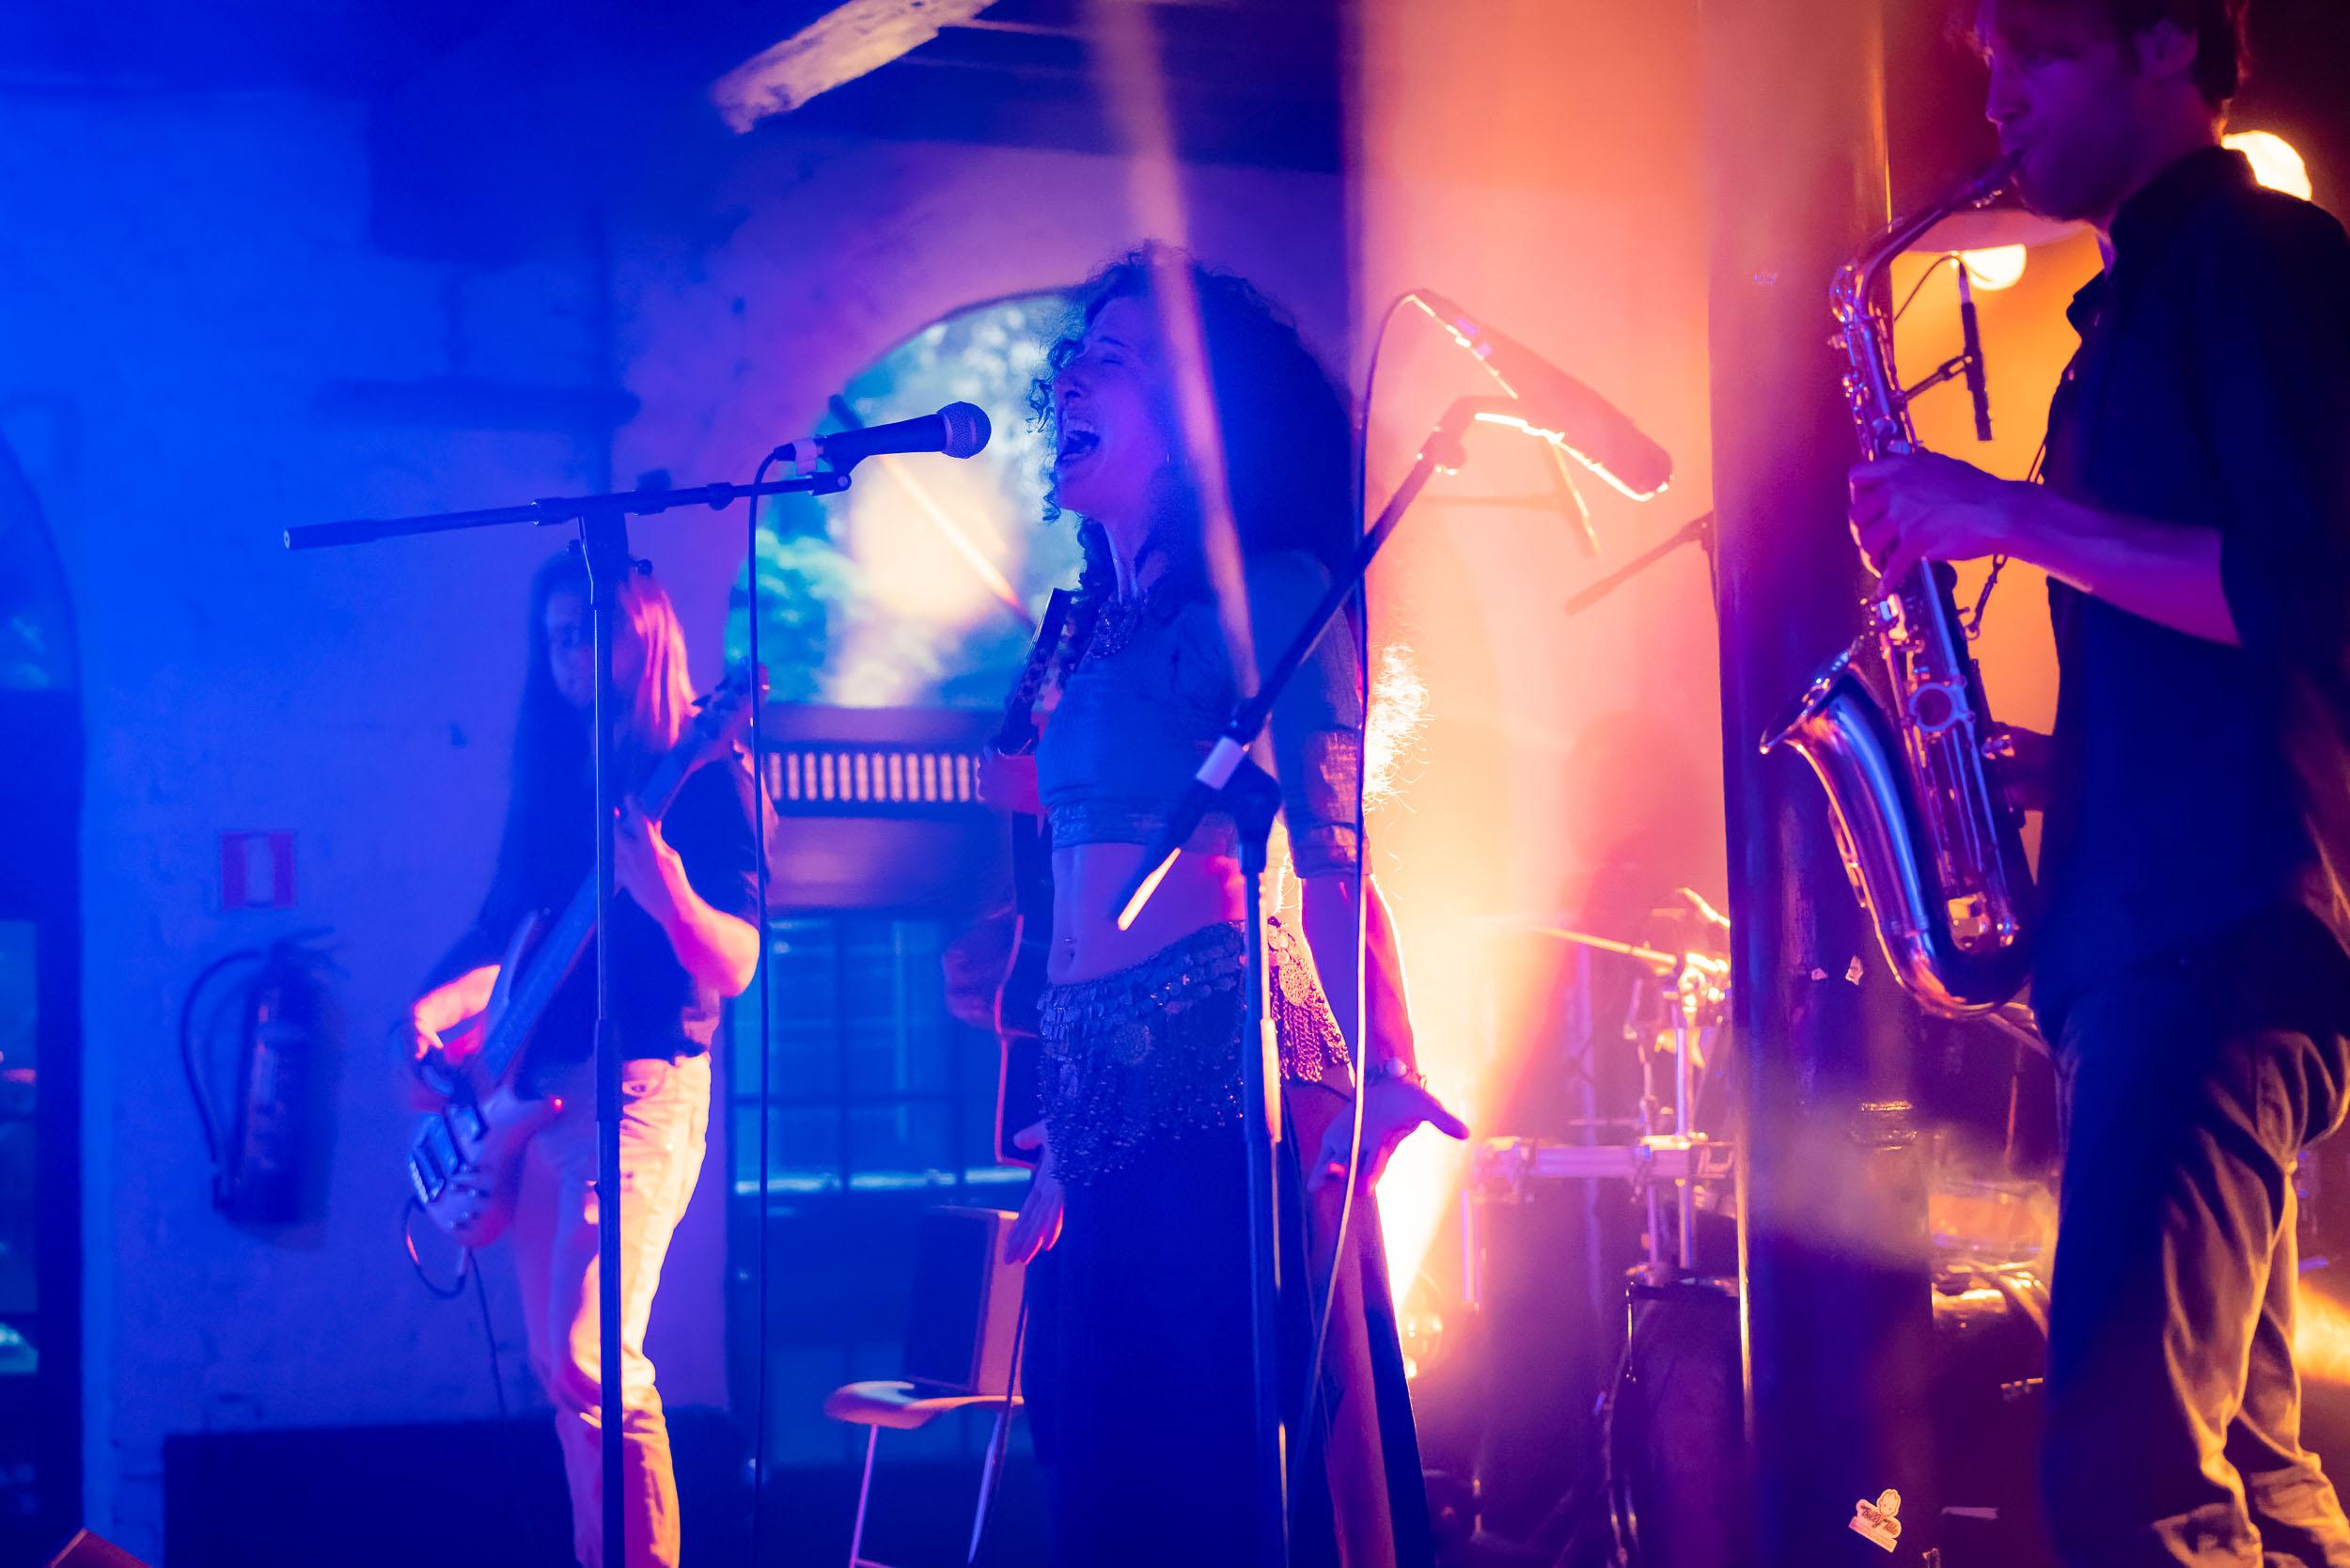 Concert au Pianofabriek. Photo prise par un photographe de Bruxe